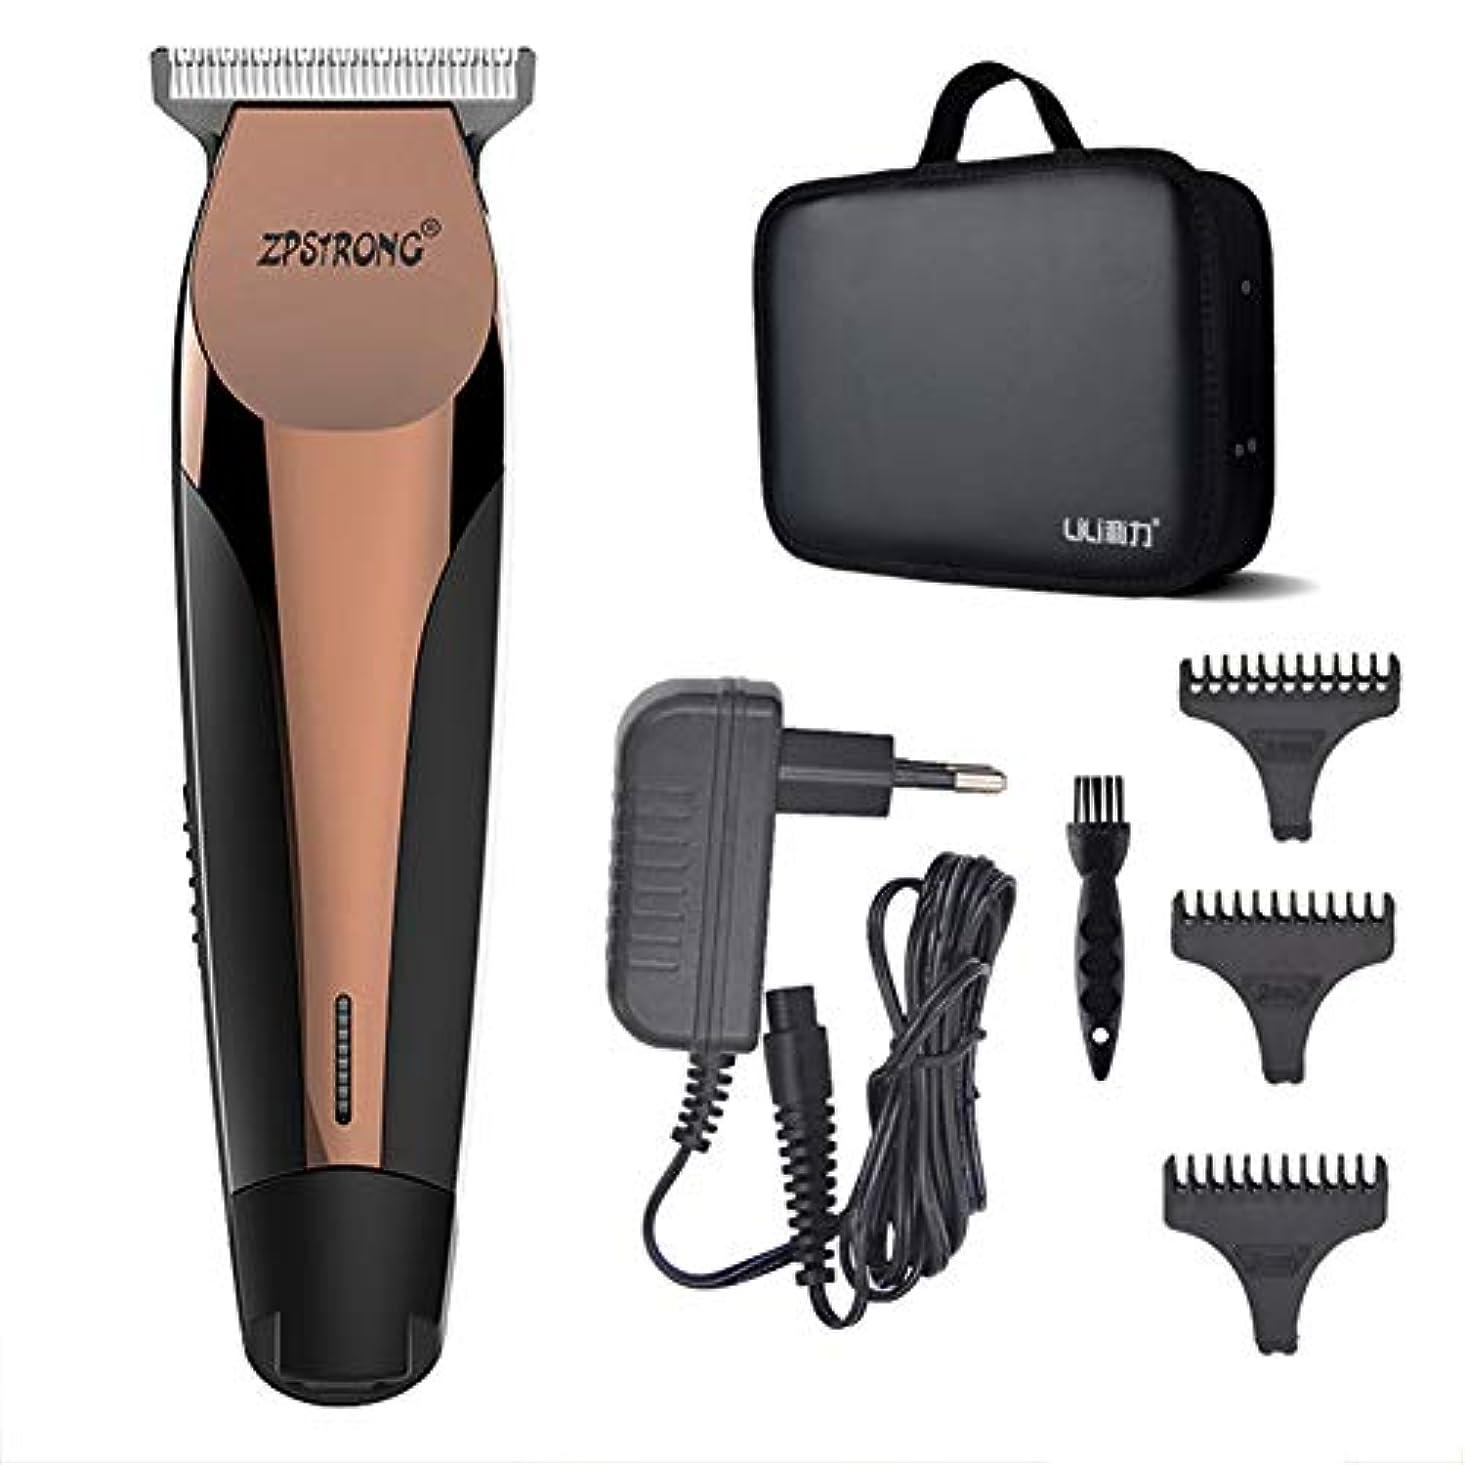 未接続悪名高いパトロンバリカン収納ケース付きキャリングケースバッグキット男性のための電気ヘアトリマー髭剃り機0.1ミリメートルカッター理髪散髪ツール100-240ボルト